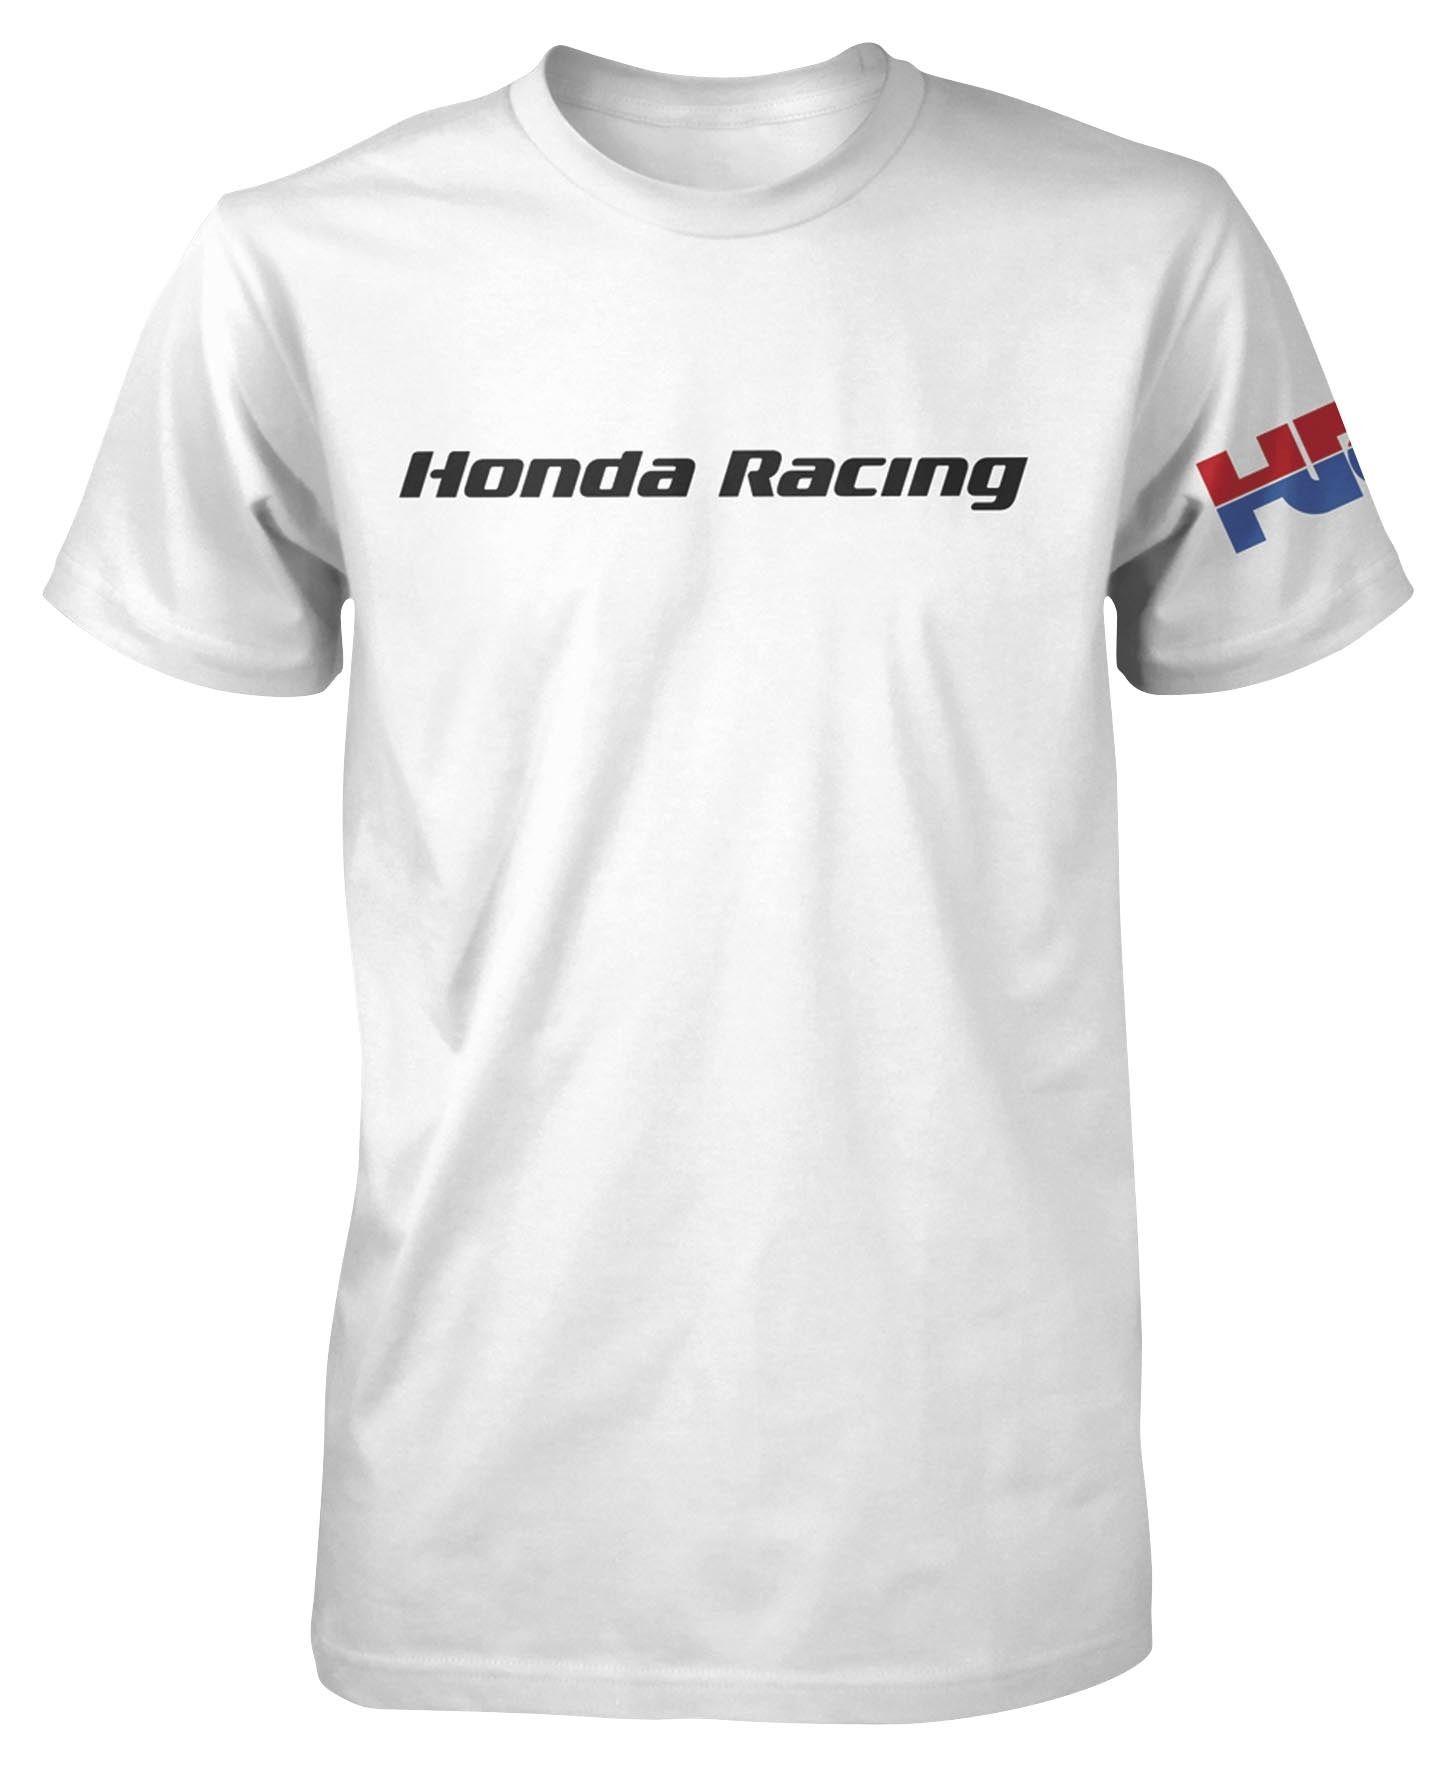 honda hrc racing t shirt 10 off revzilla. Black Bedroom Furniture Sets. Home Design Ideas